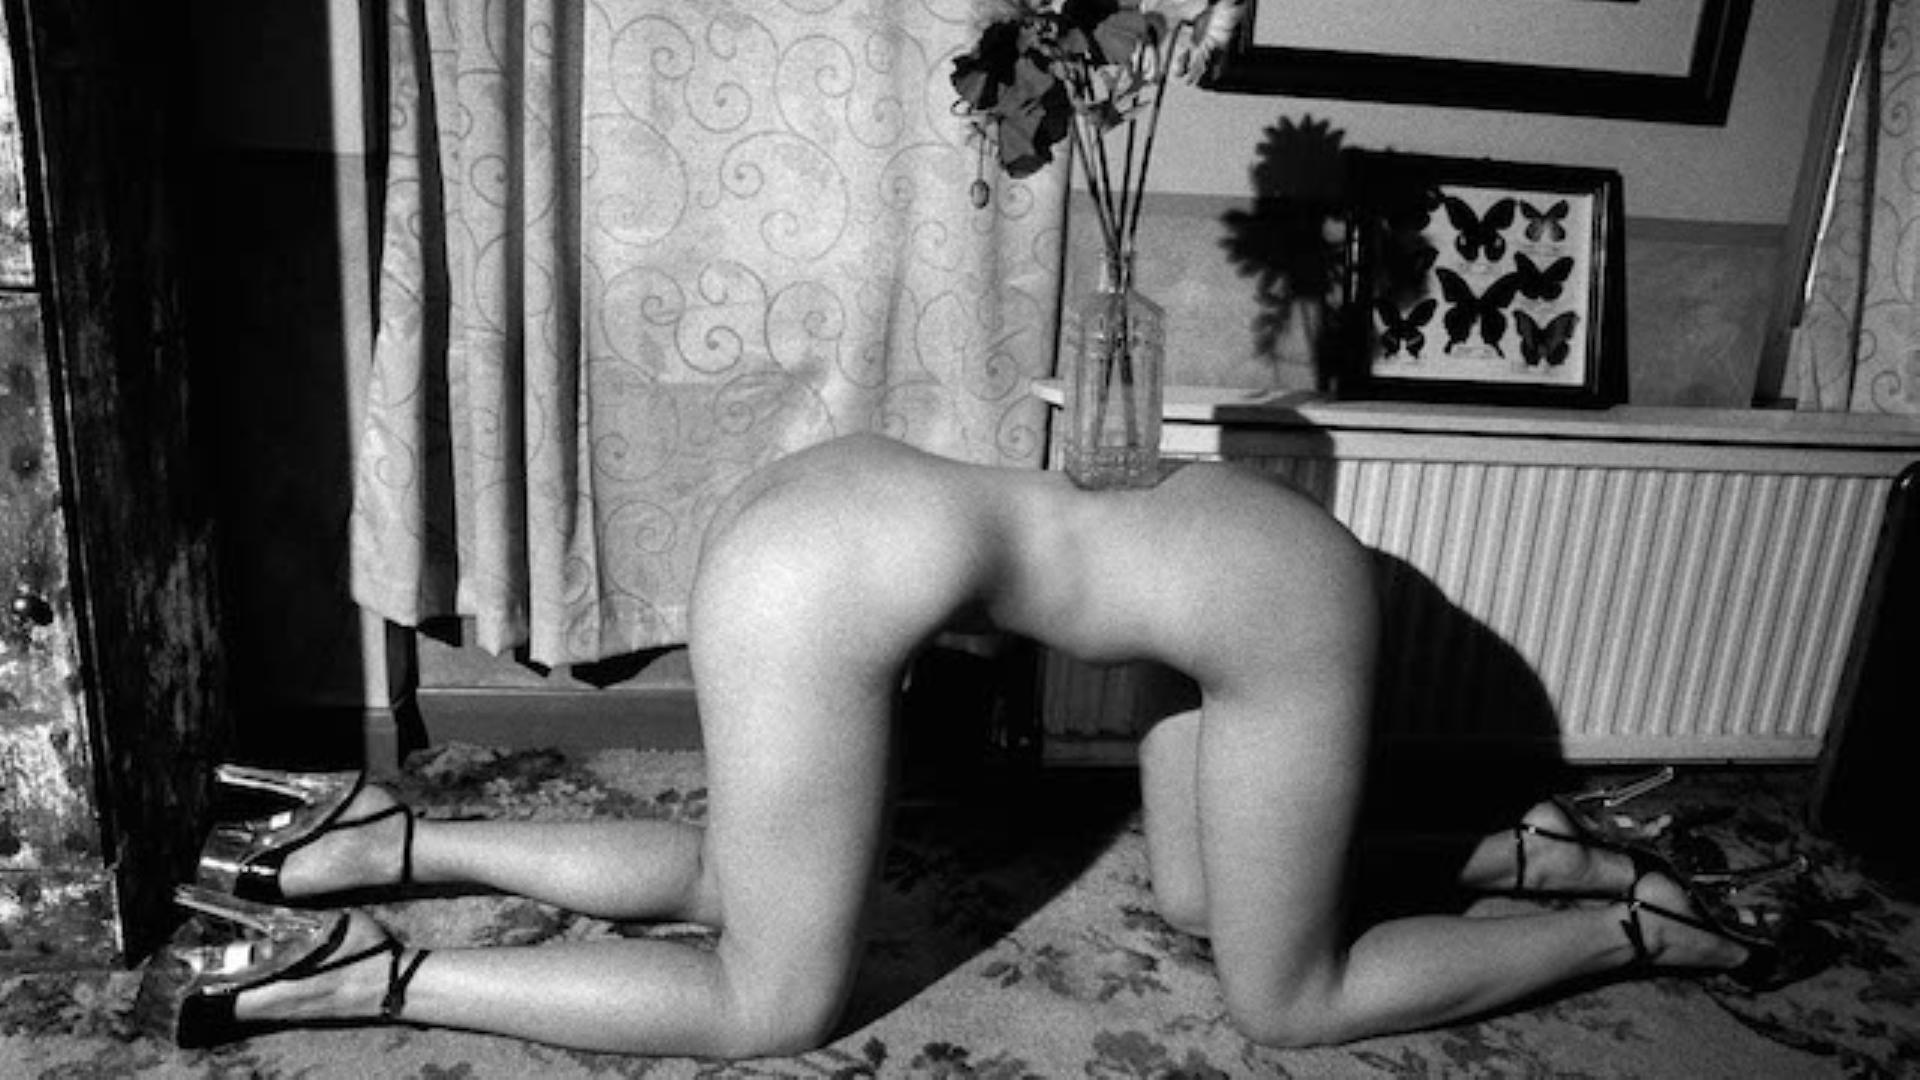 μαύρες γυναίκες γυμνές εικόνες μαυροκόκορας εραστές